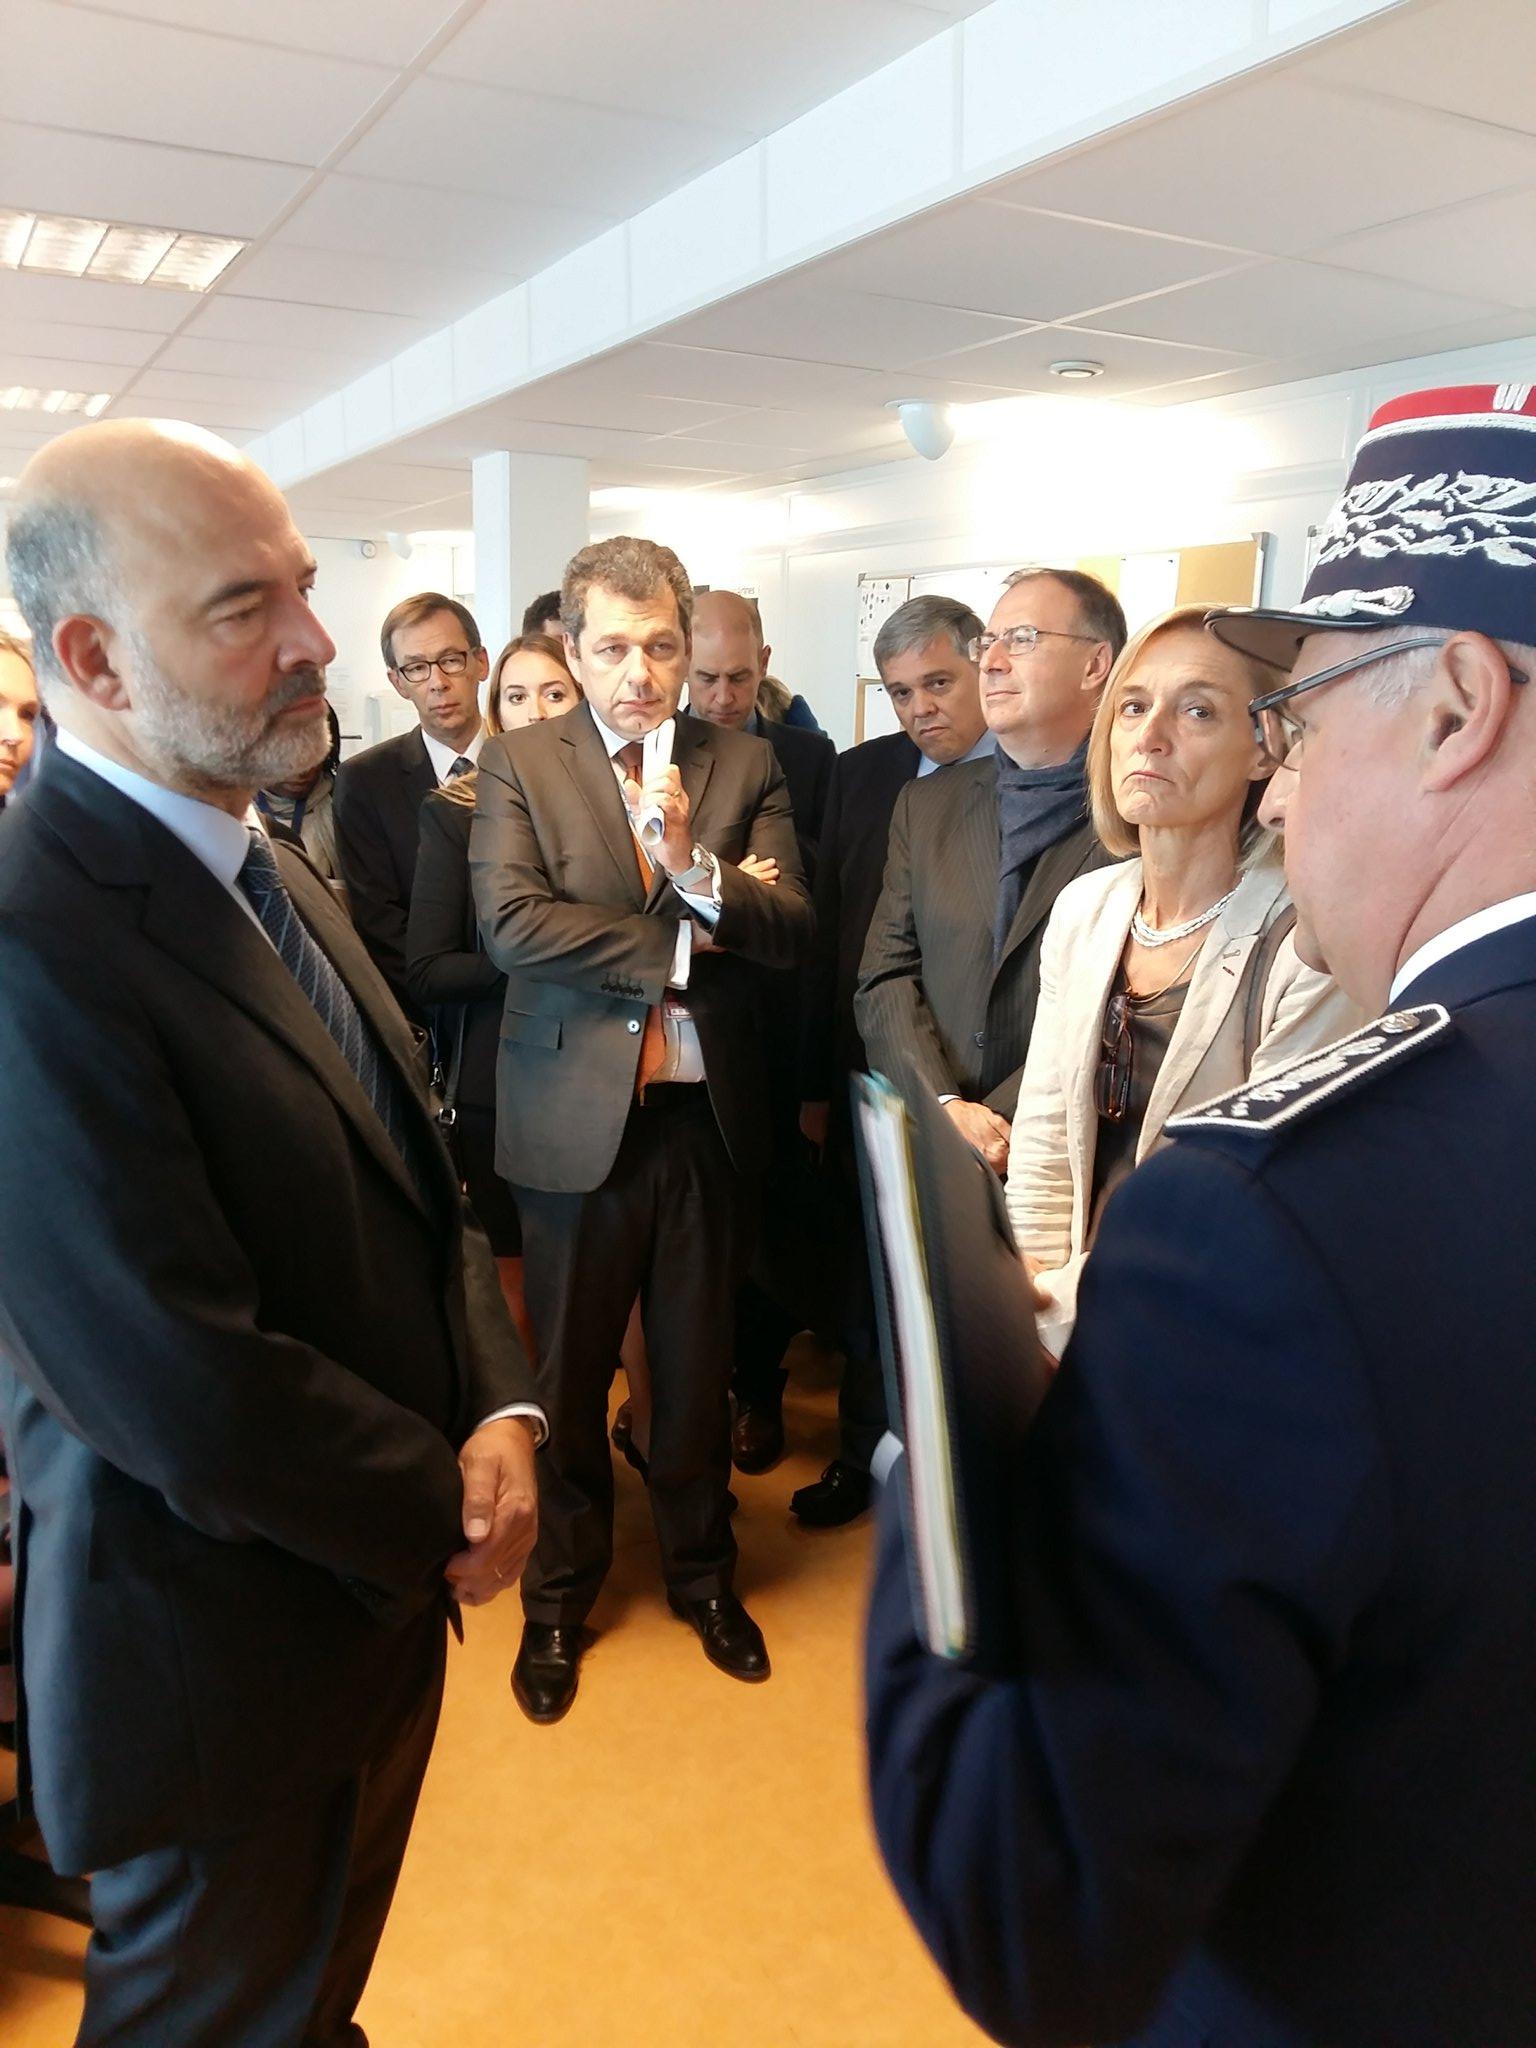 Roissy. #Moscovici en visite à la cellule de lever de doute de la #douane à l'aeroport de Roissy. https://t.co/jgfevGncgk